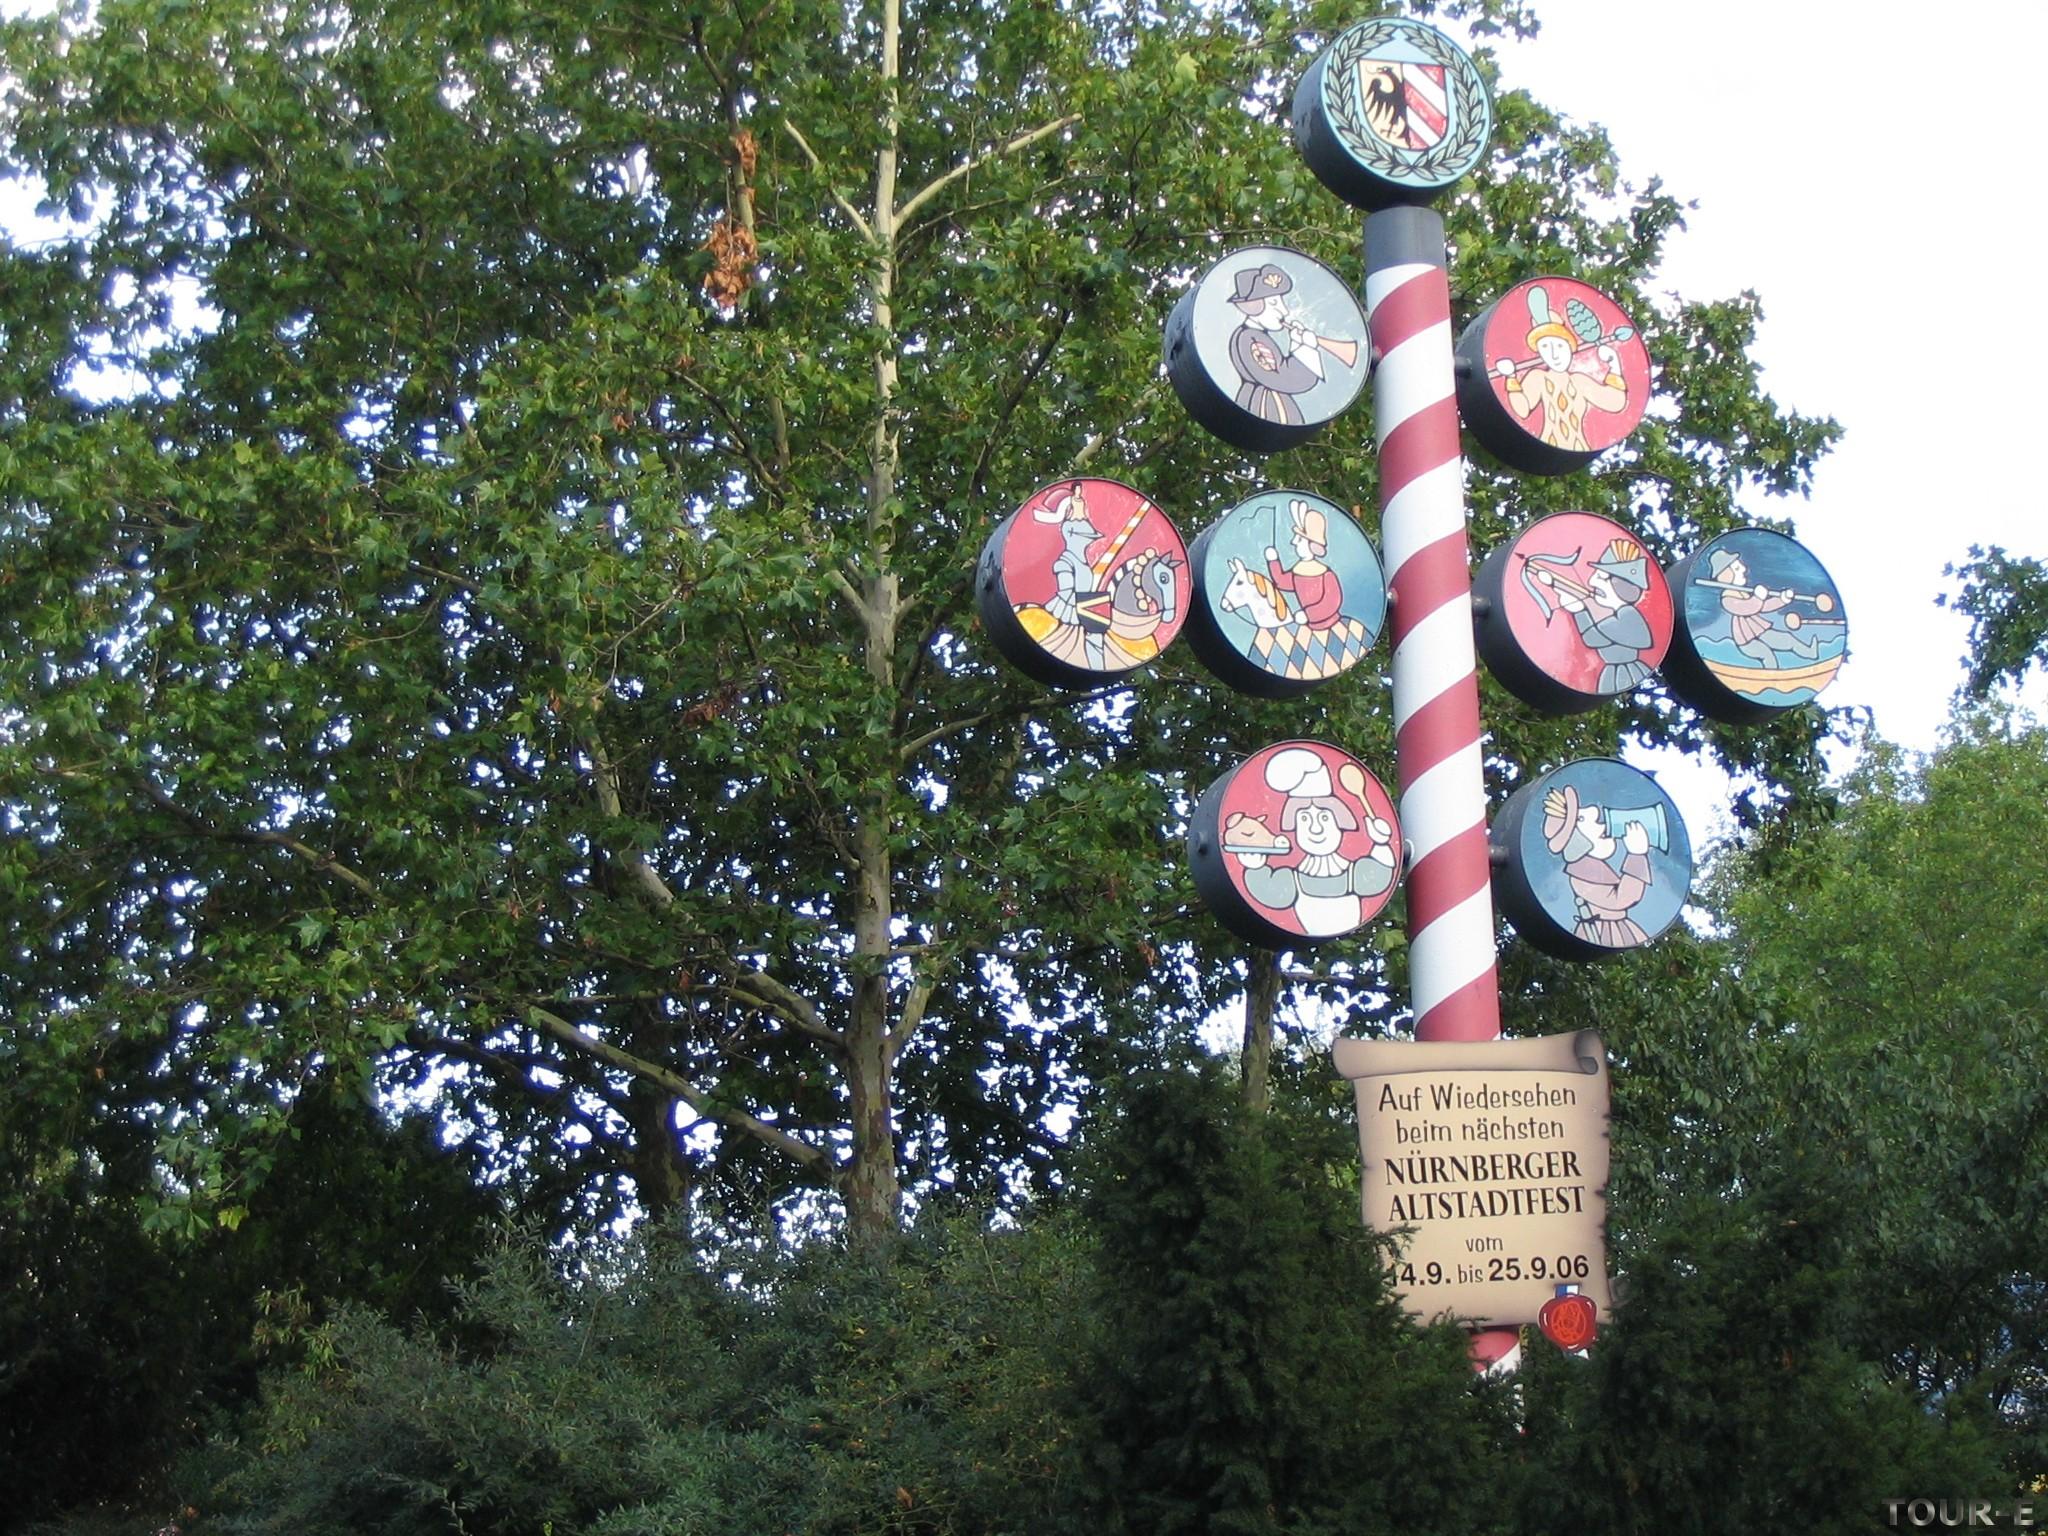 nuremberg-altstadtfest